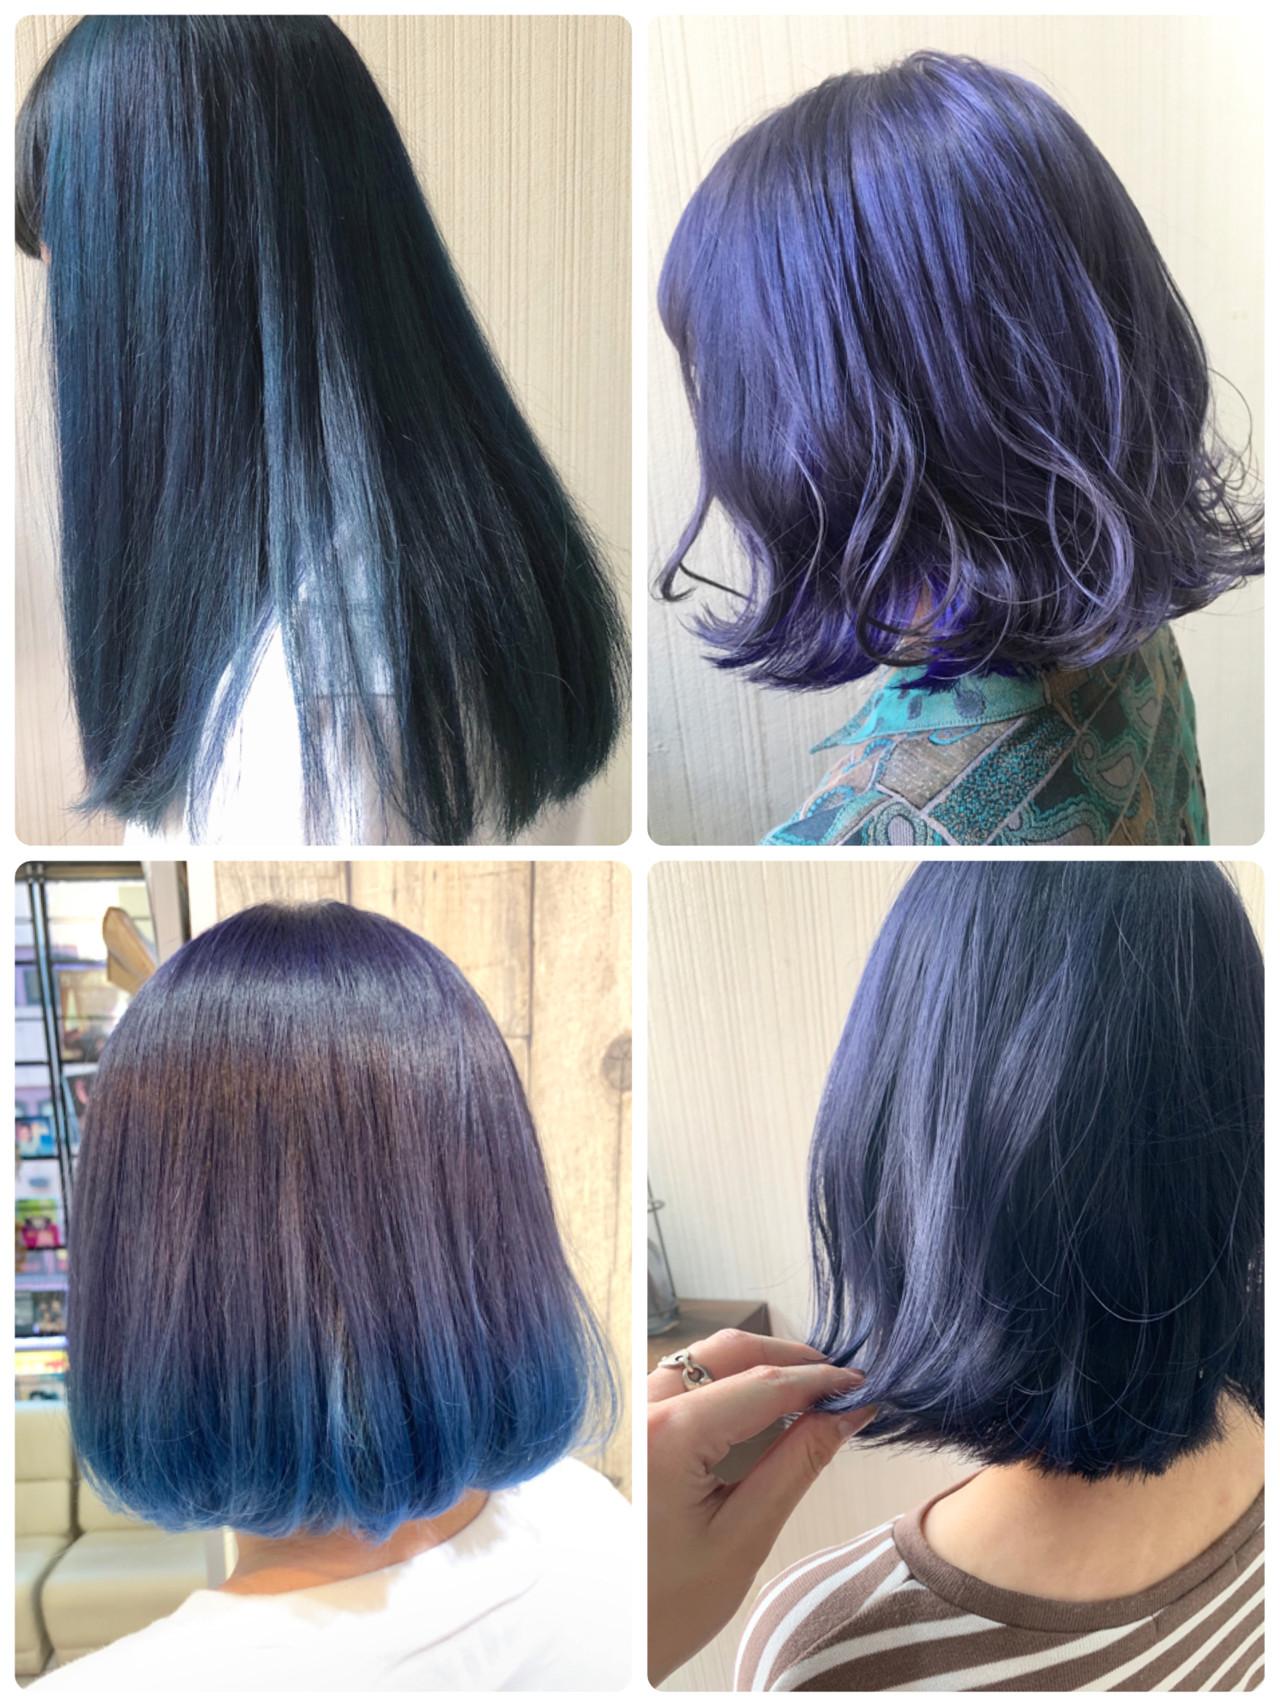 ブルーアッシュ ナチュラル ミディアム ヘアアレンジ ヘアスタイルや髪型の写真・画像 | 土屋一貴 / TOMCAT